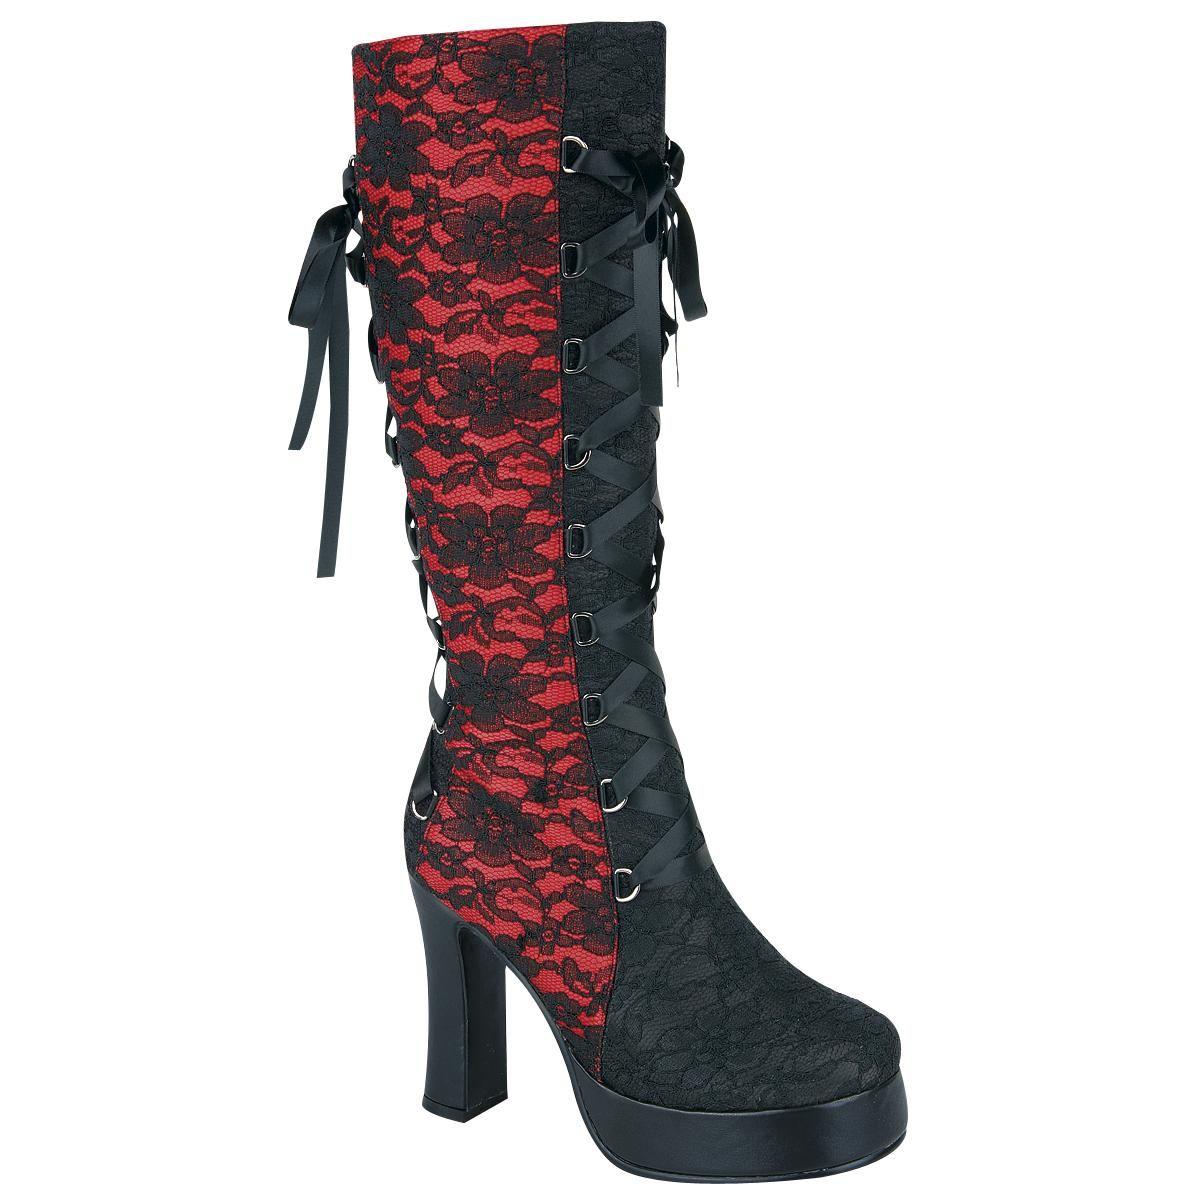 d063a29a058a Gothic Boot - Stiefel von Inamagura - Artikelnummer  206336 - Ab 99 ...